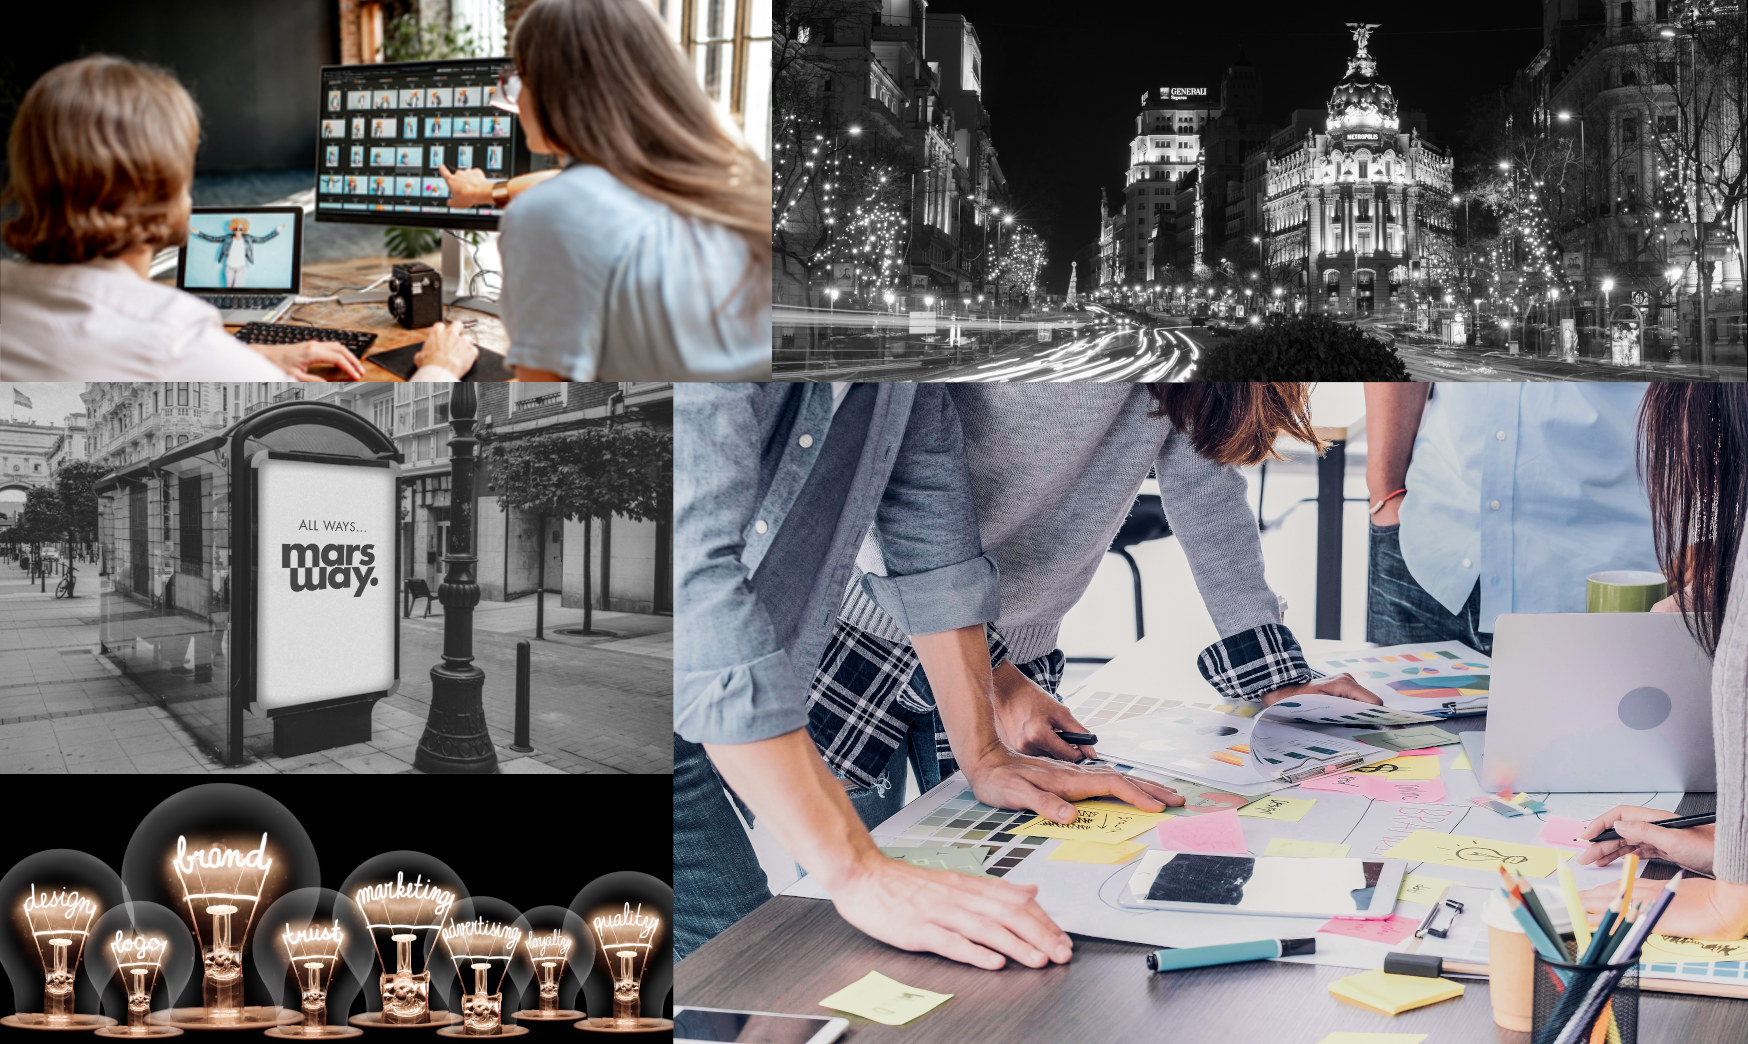 Collage de imágenes con gente trabajando con ideas innovadoras